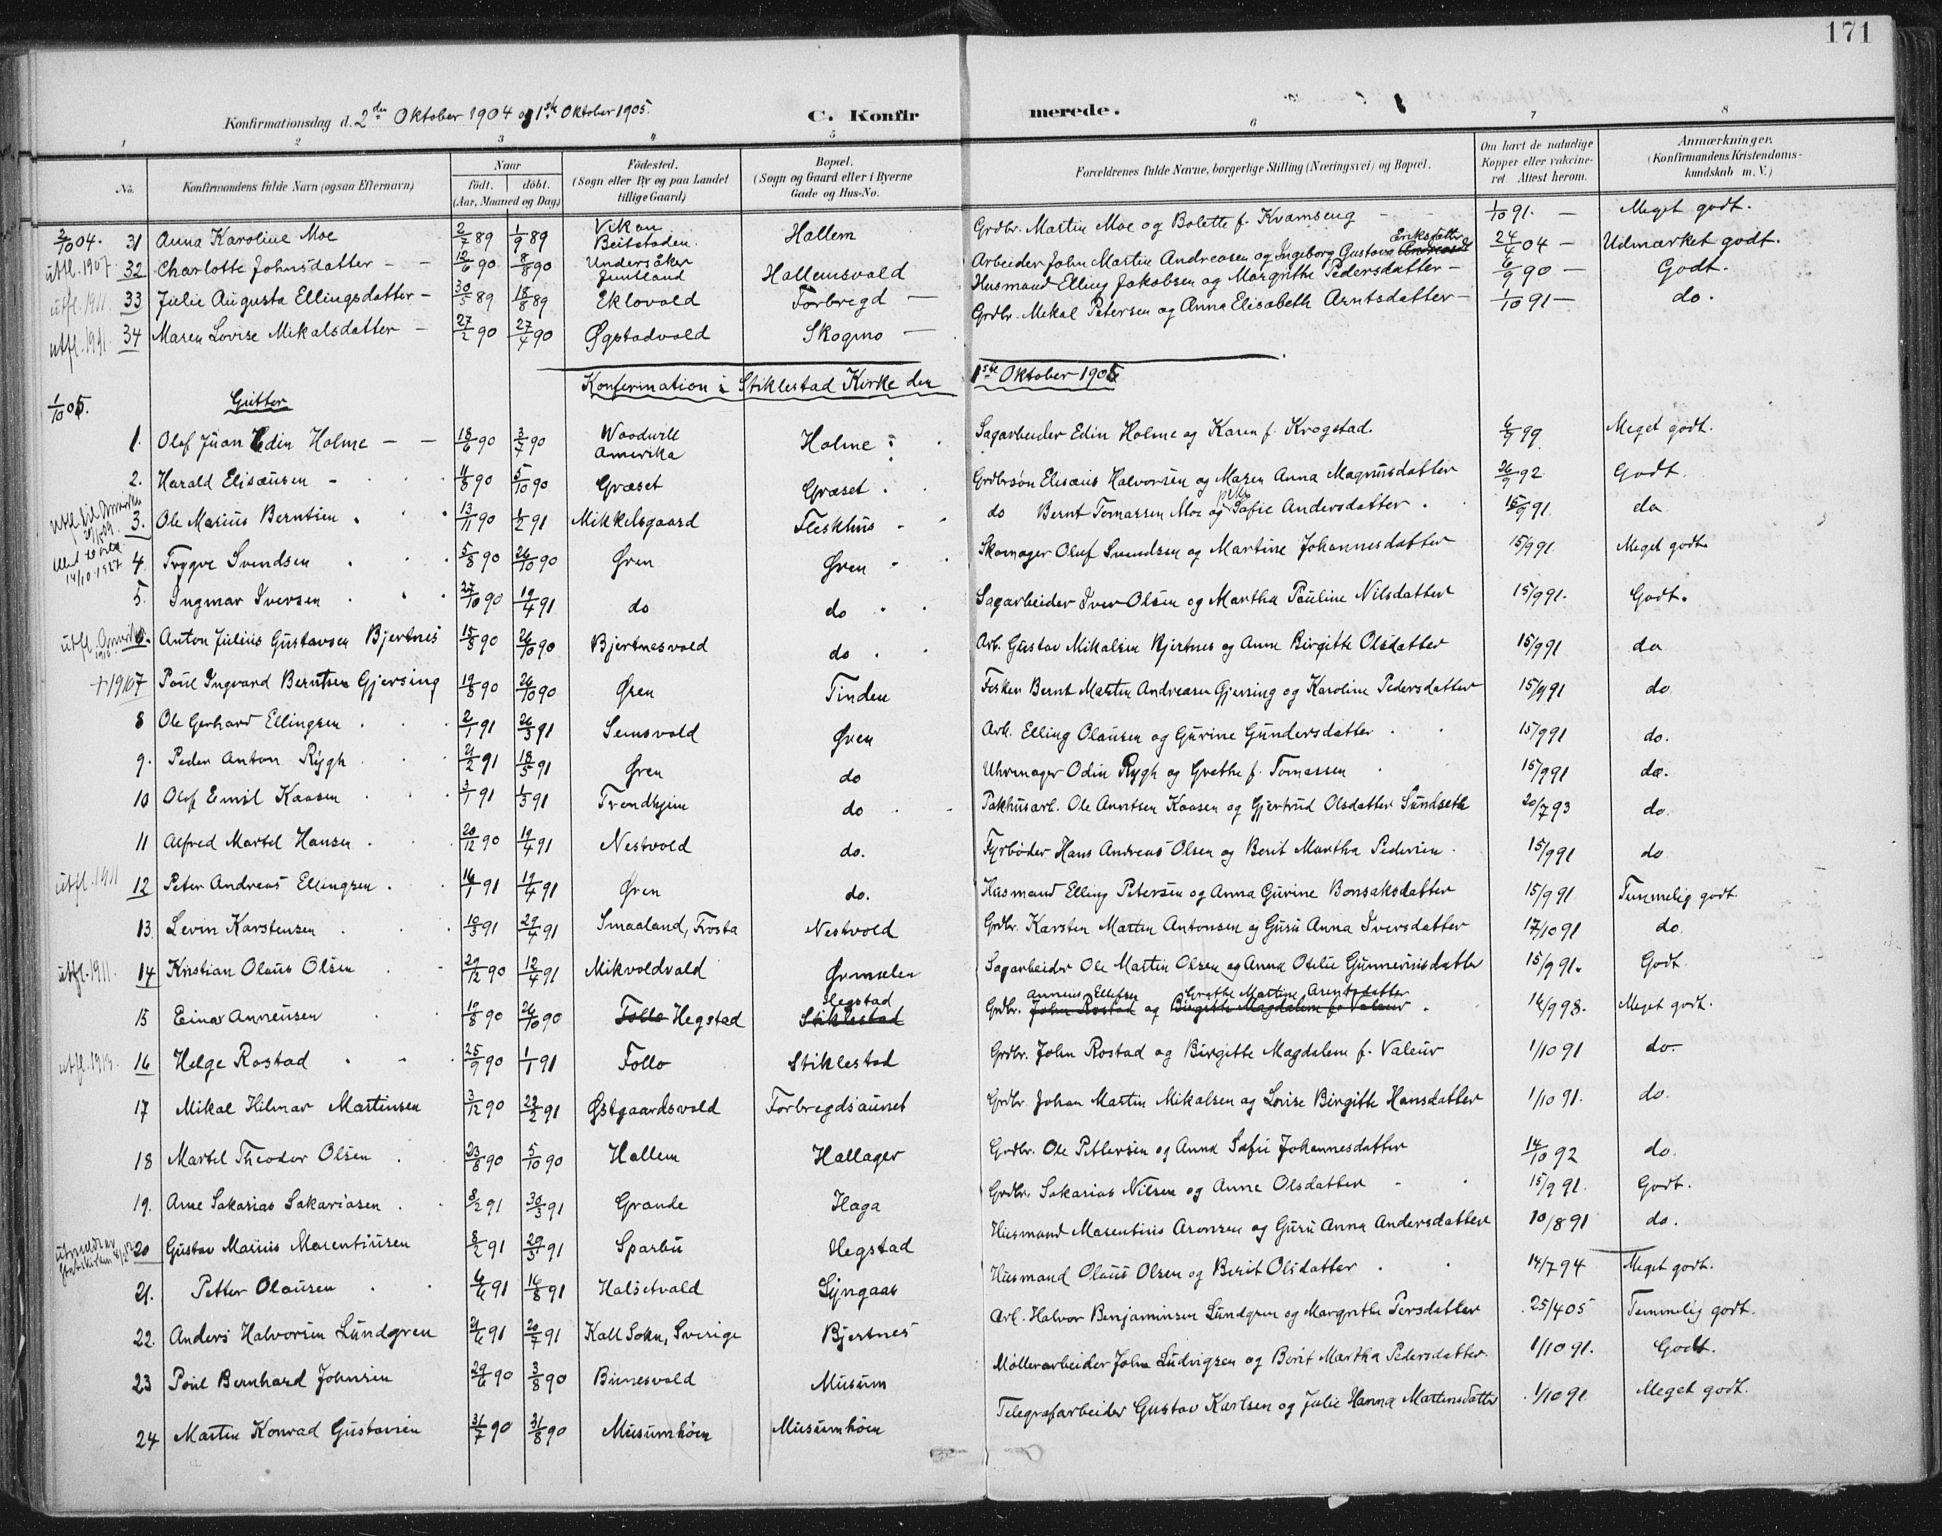 SAT, Ministerialprotokoller, klokkerbøker og fødselsregistre - Nord-Trøndelag, 723/L0246: Ministerialbok nr. 723A15, 1900-1917, s. 171